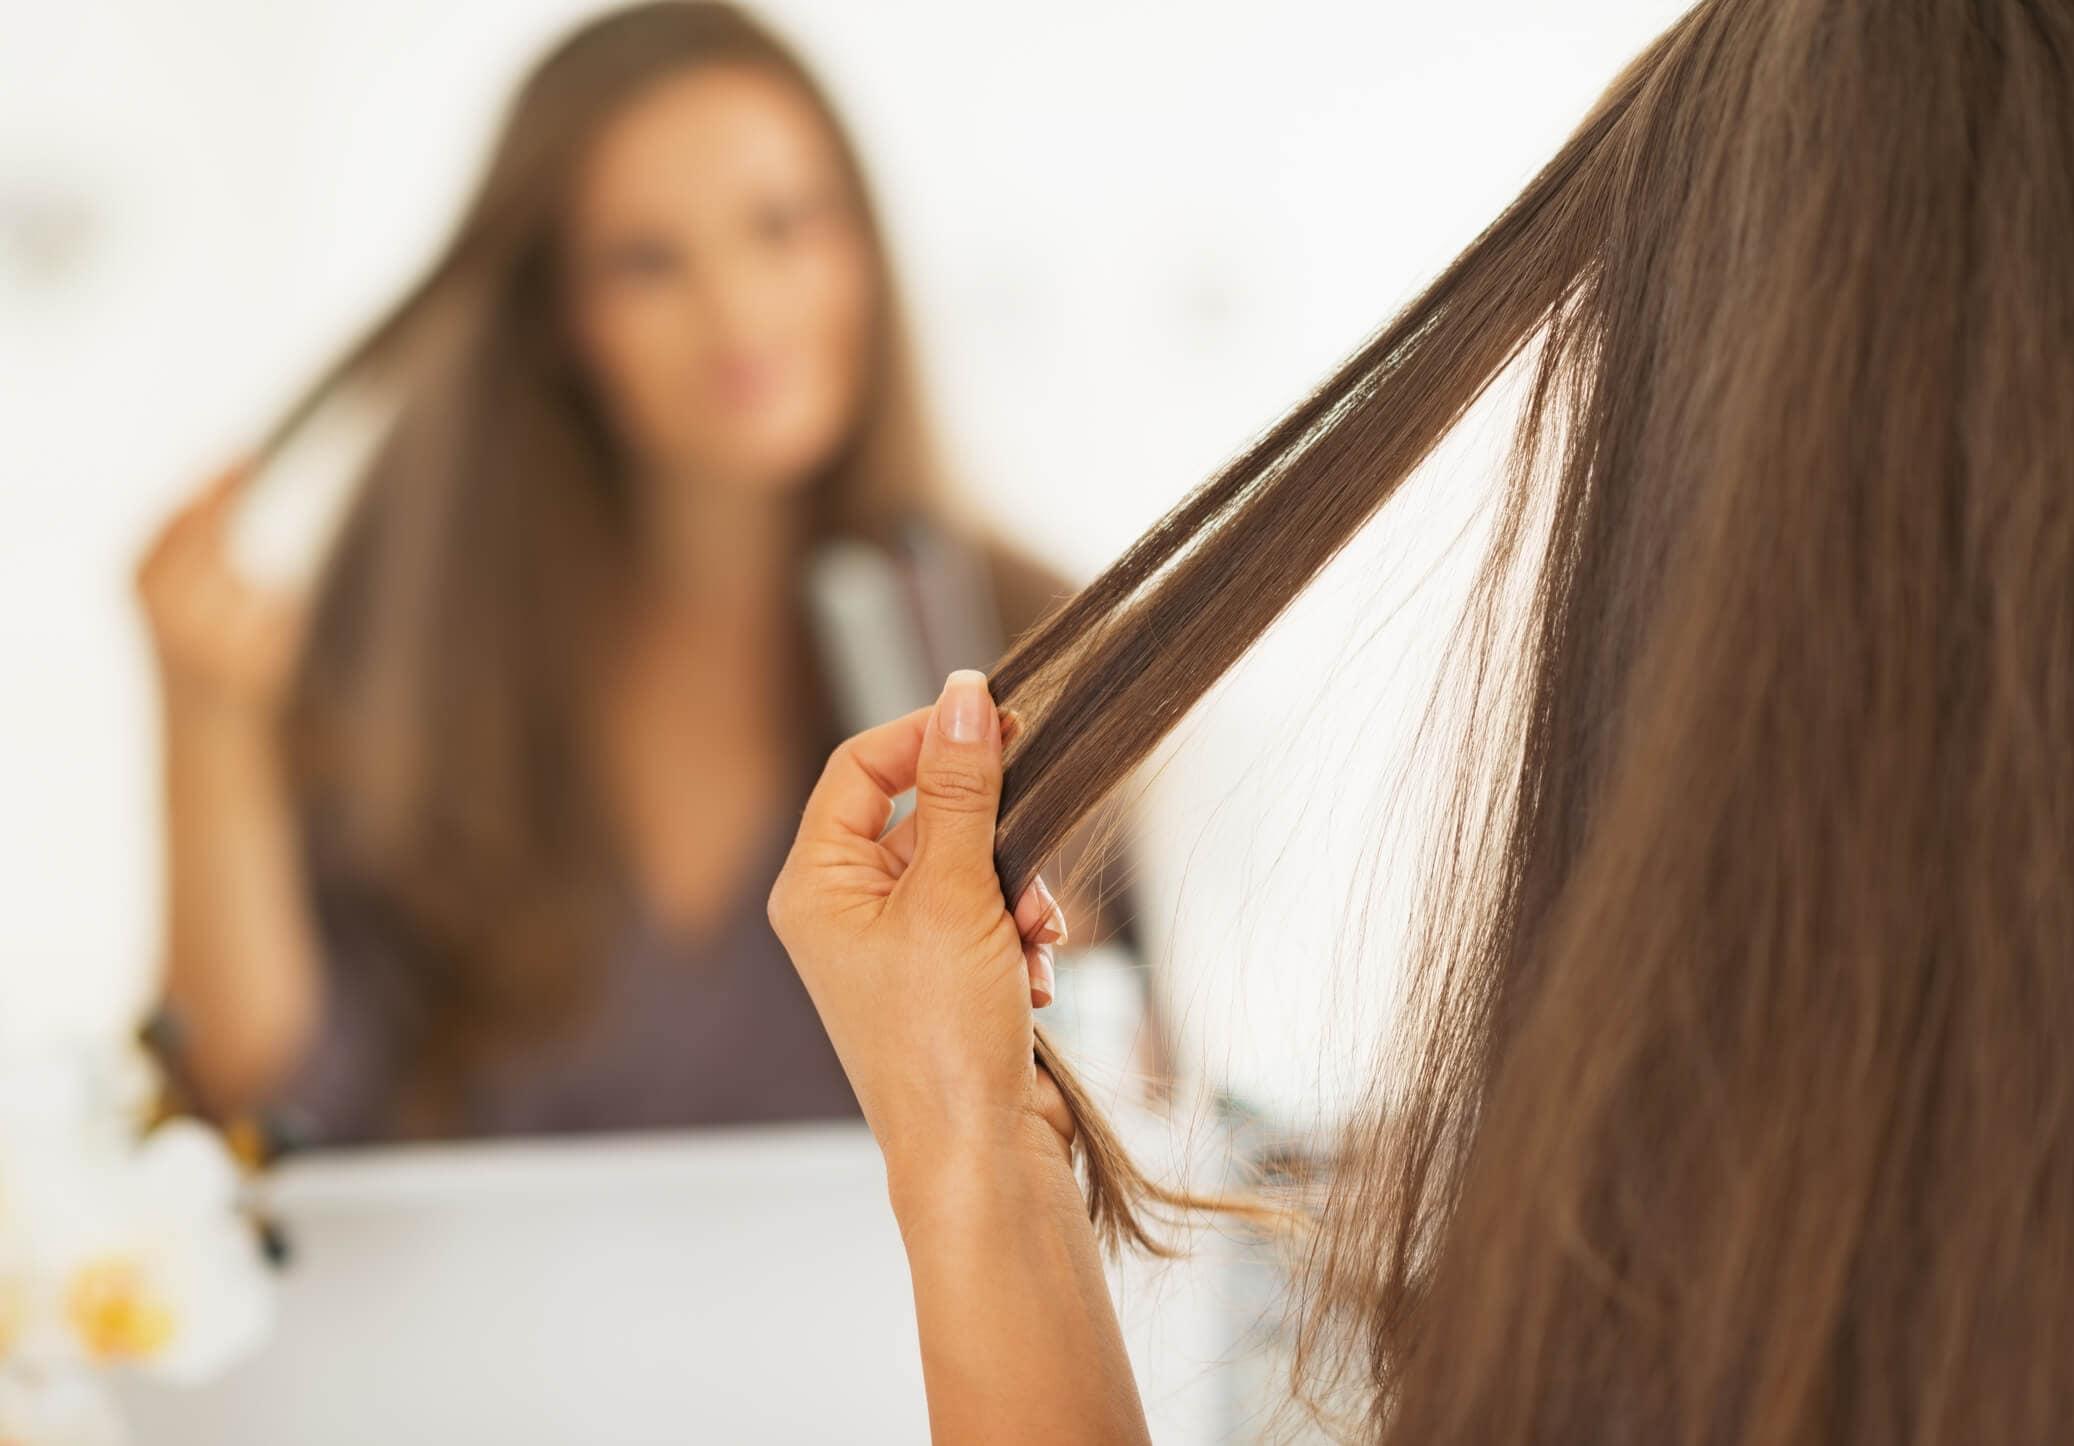 cuero cabelludo con mal olor planchando pelo